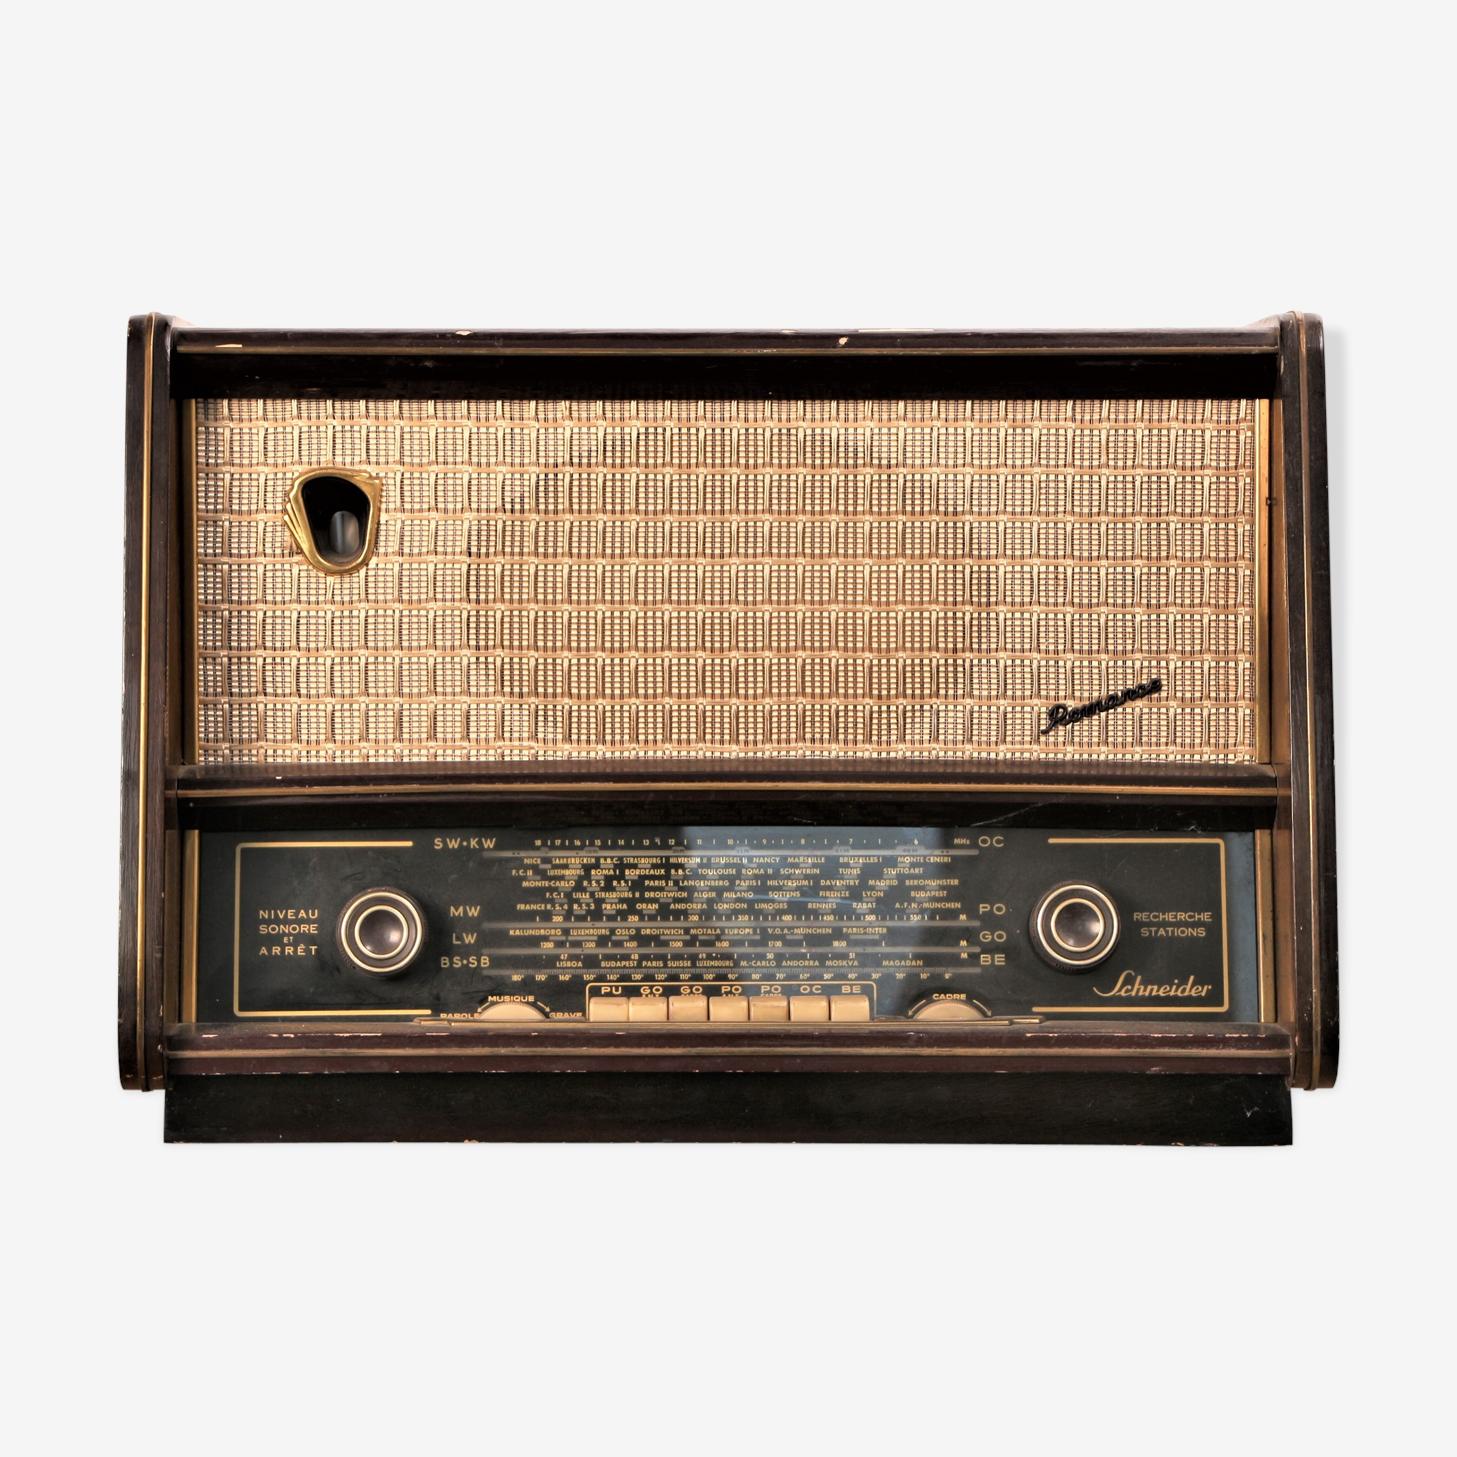 Vintage bluetooth radio Schneider, circa 1950